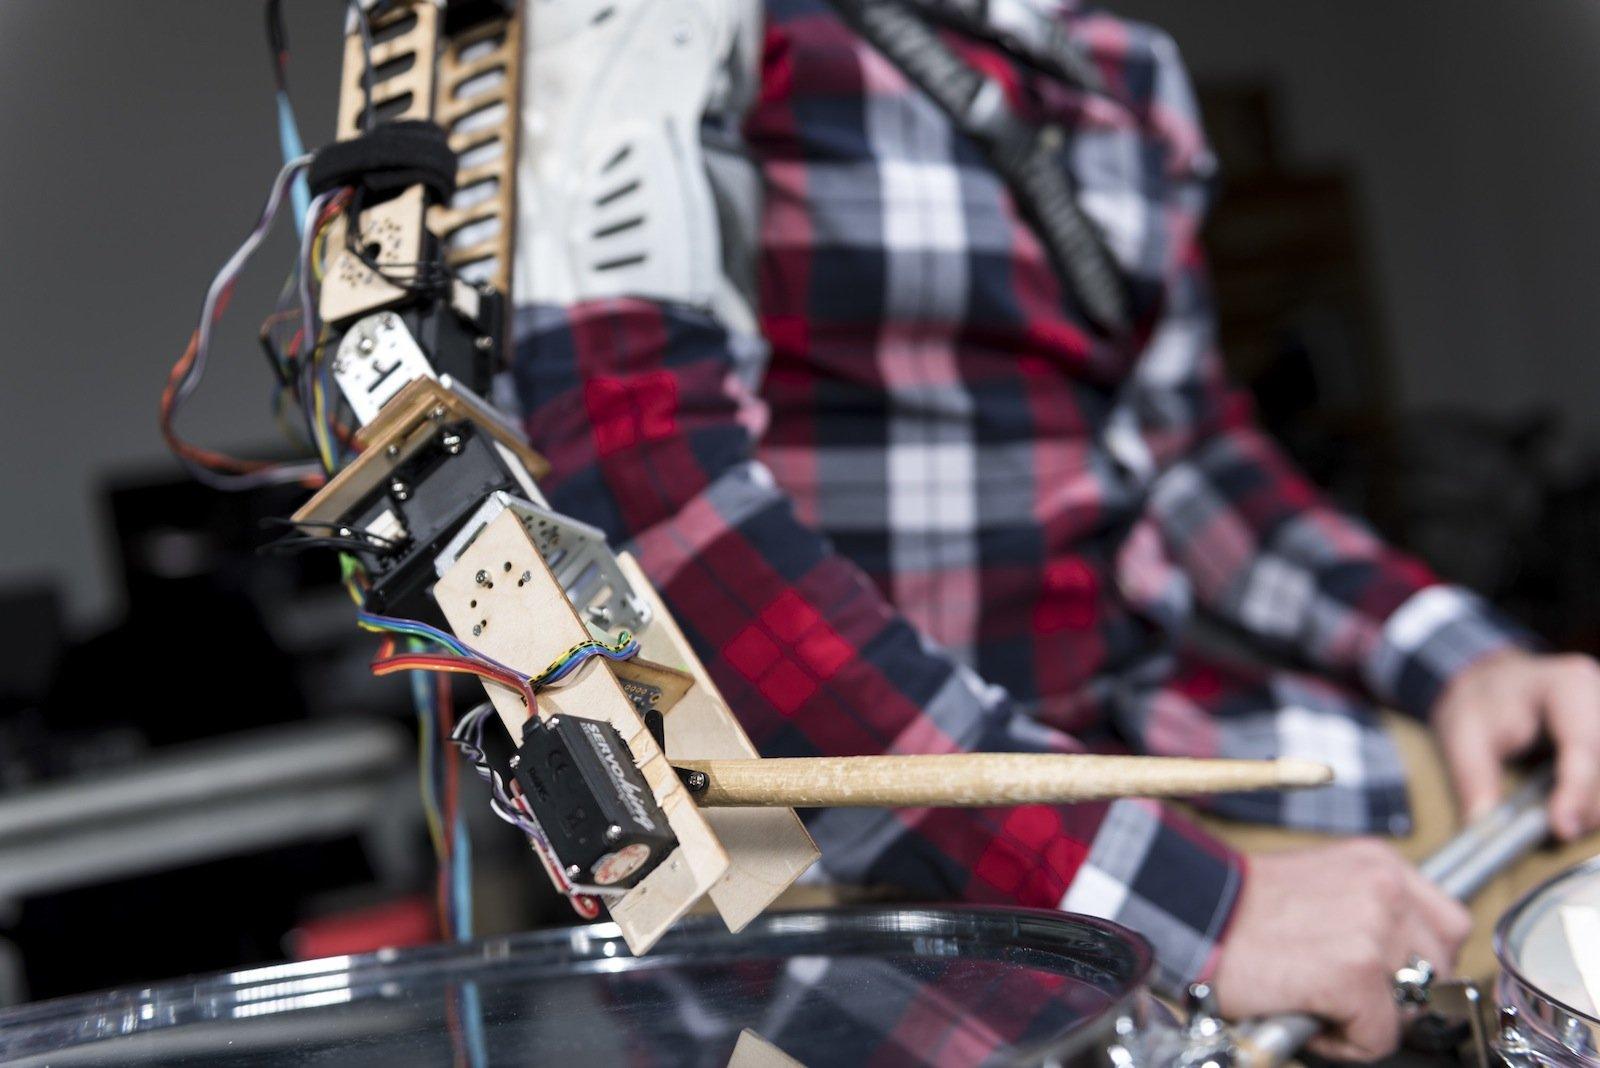 Ganz natürliche Bewegungen wie ein Mensch soll der Roboterarm ausführen.